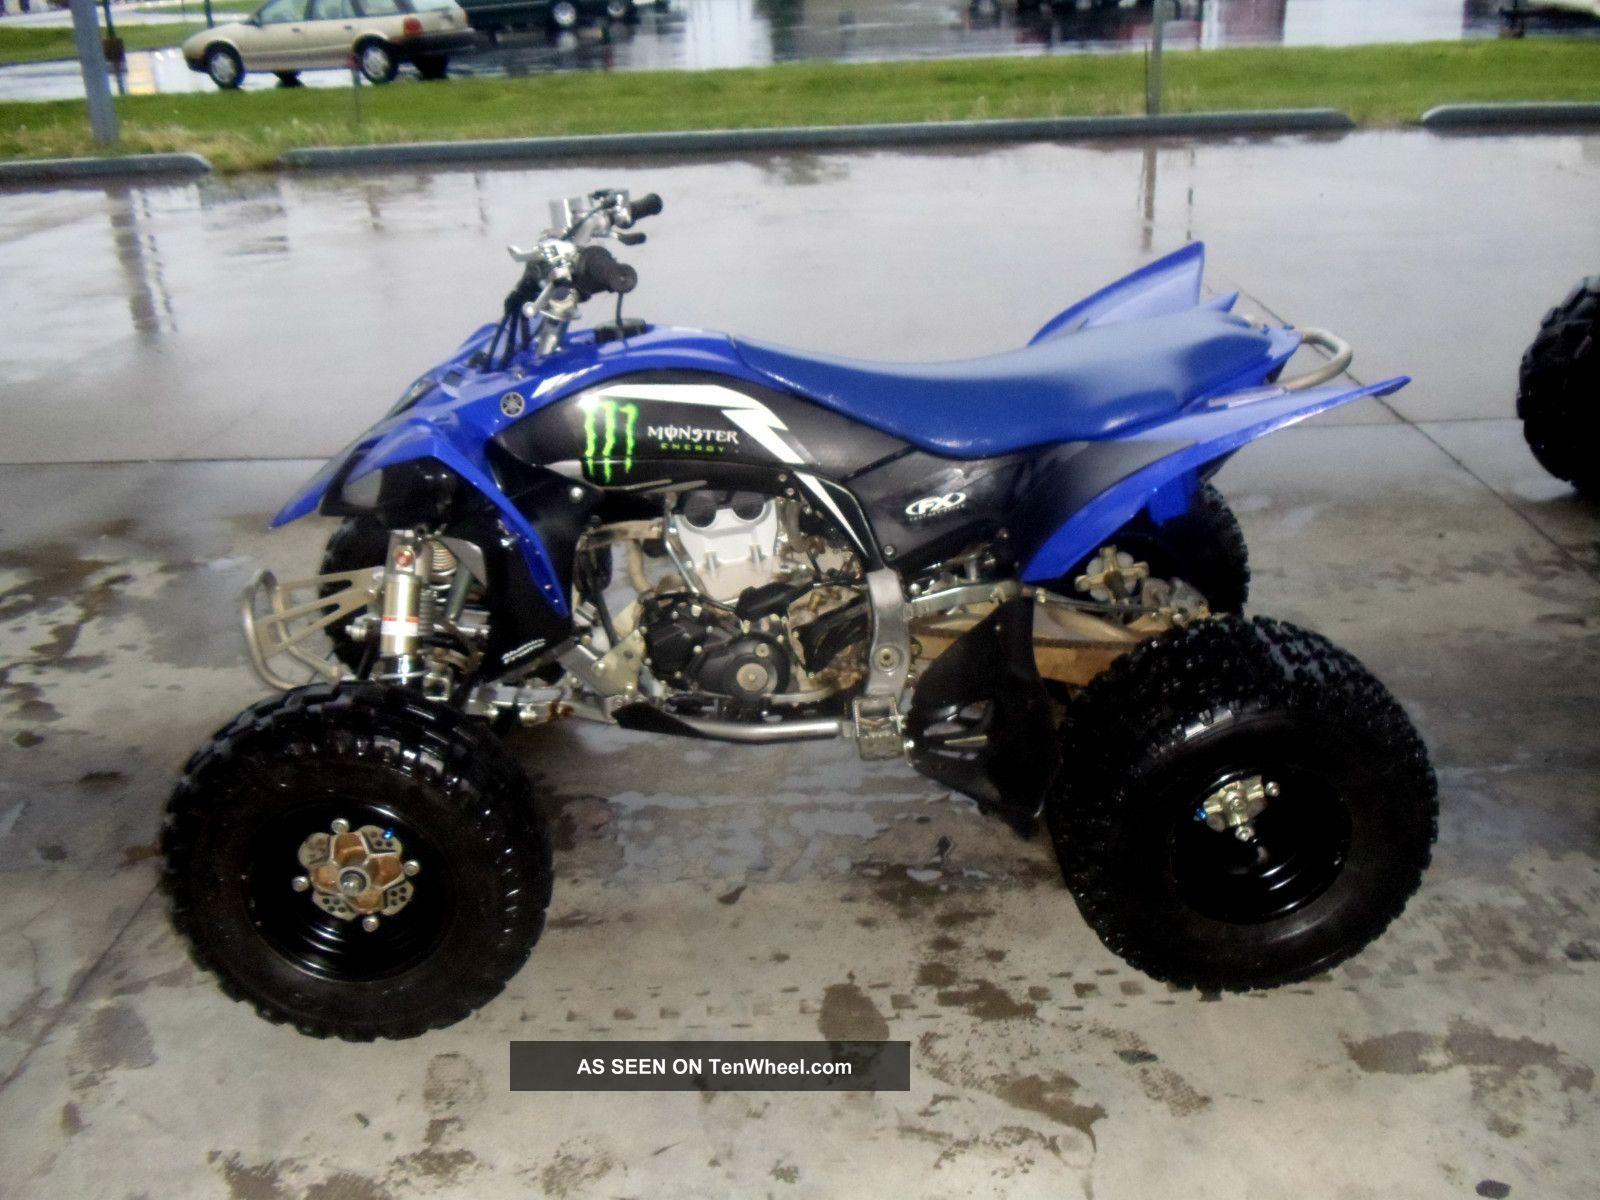 2009 Yamaha Yfz 450 Yamaha photo